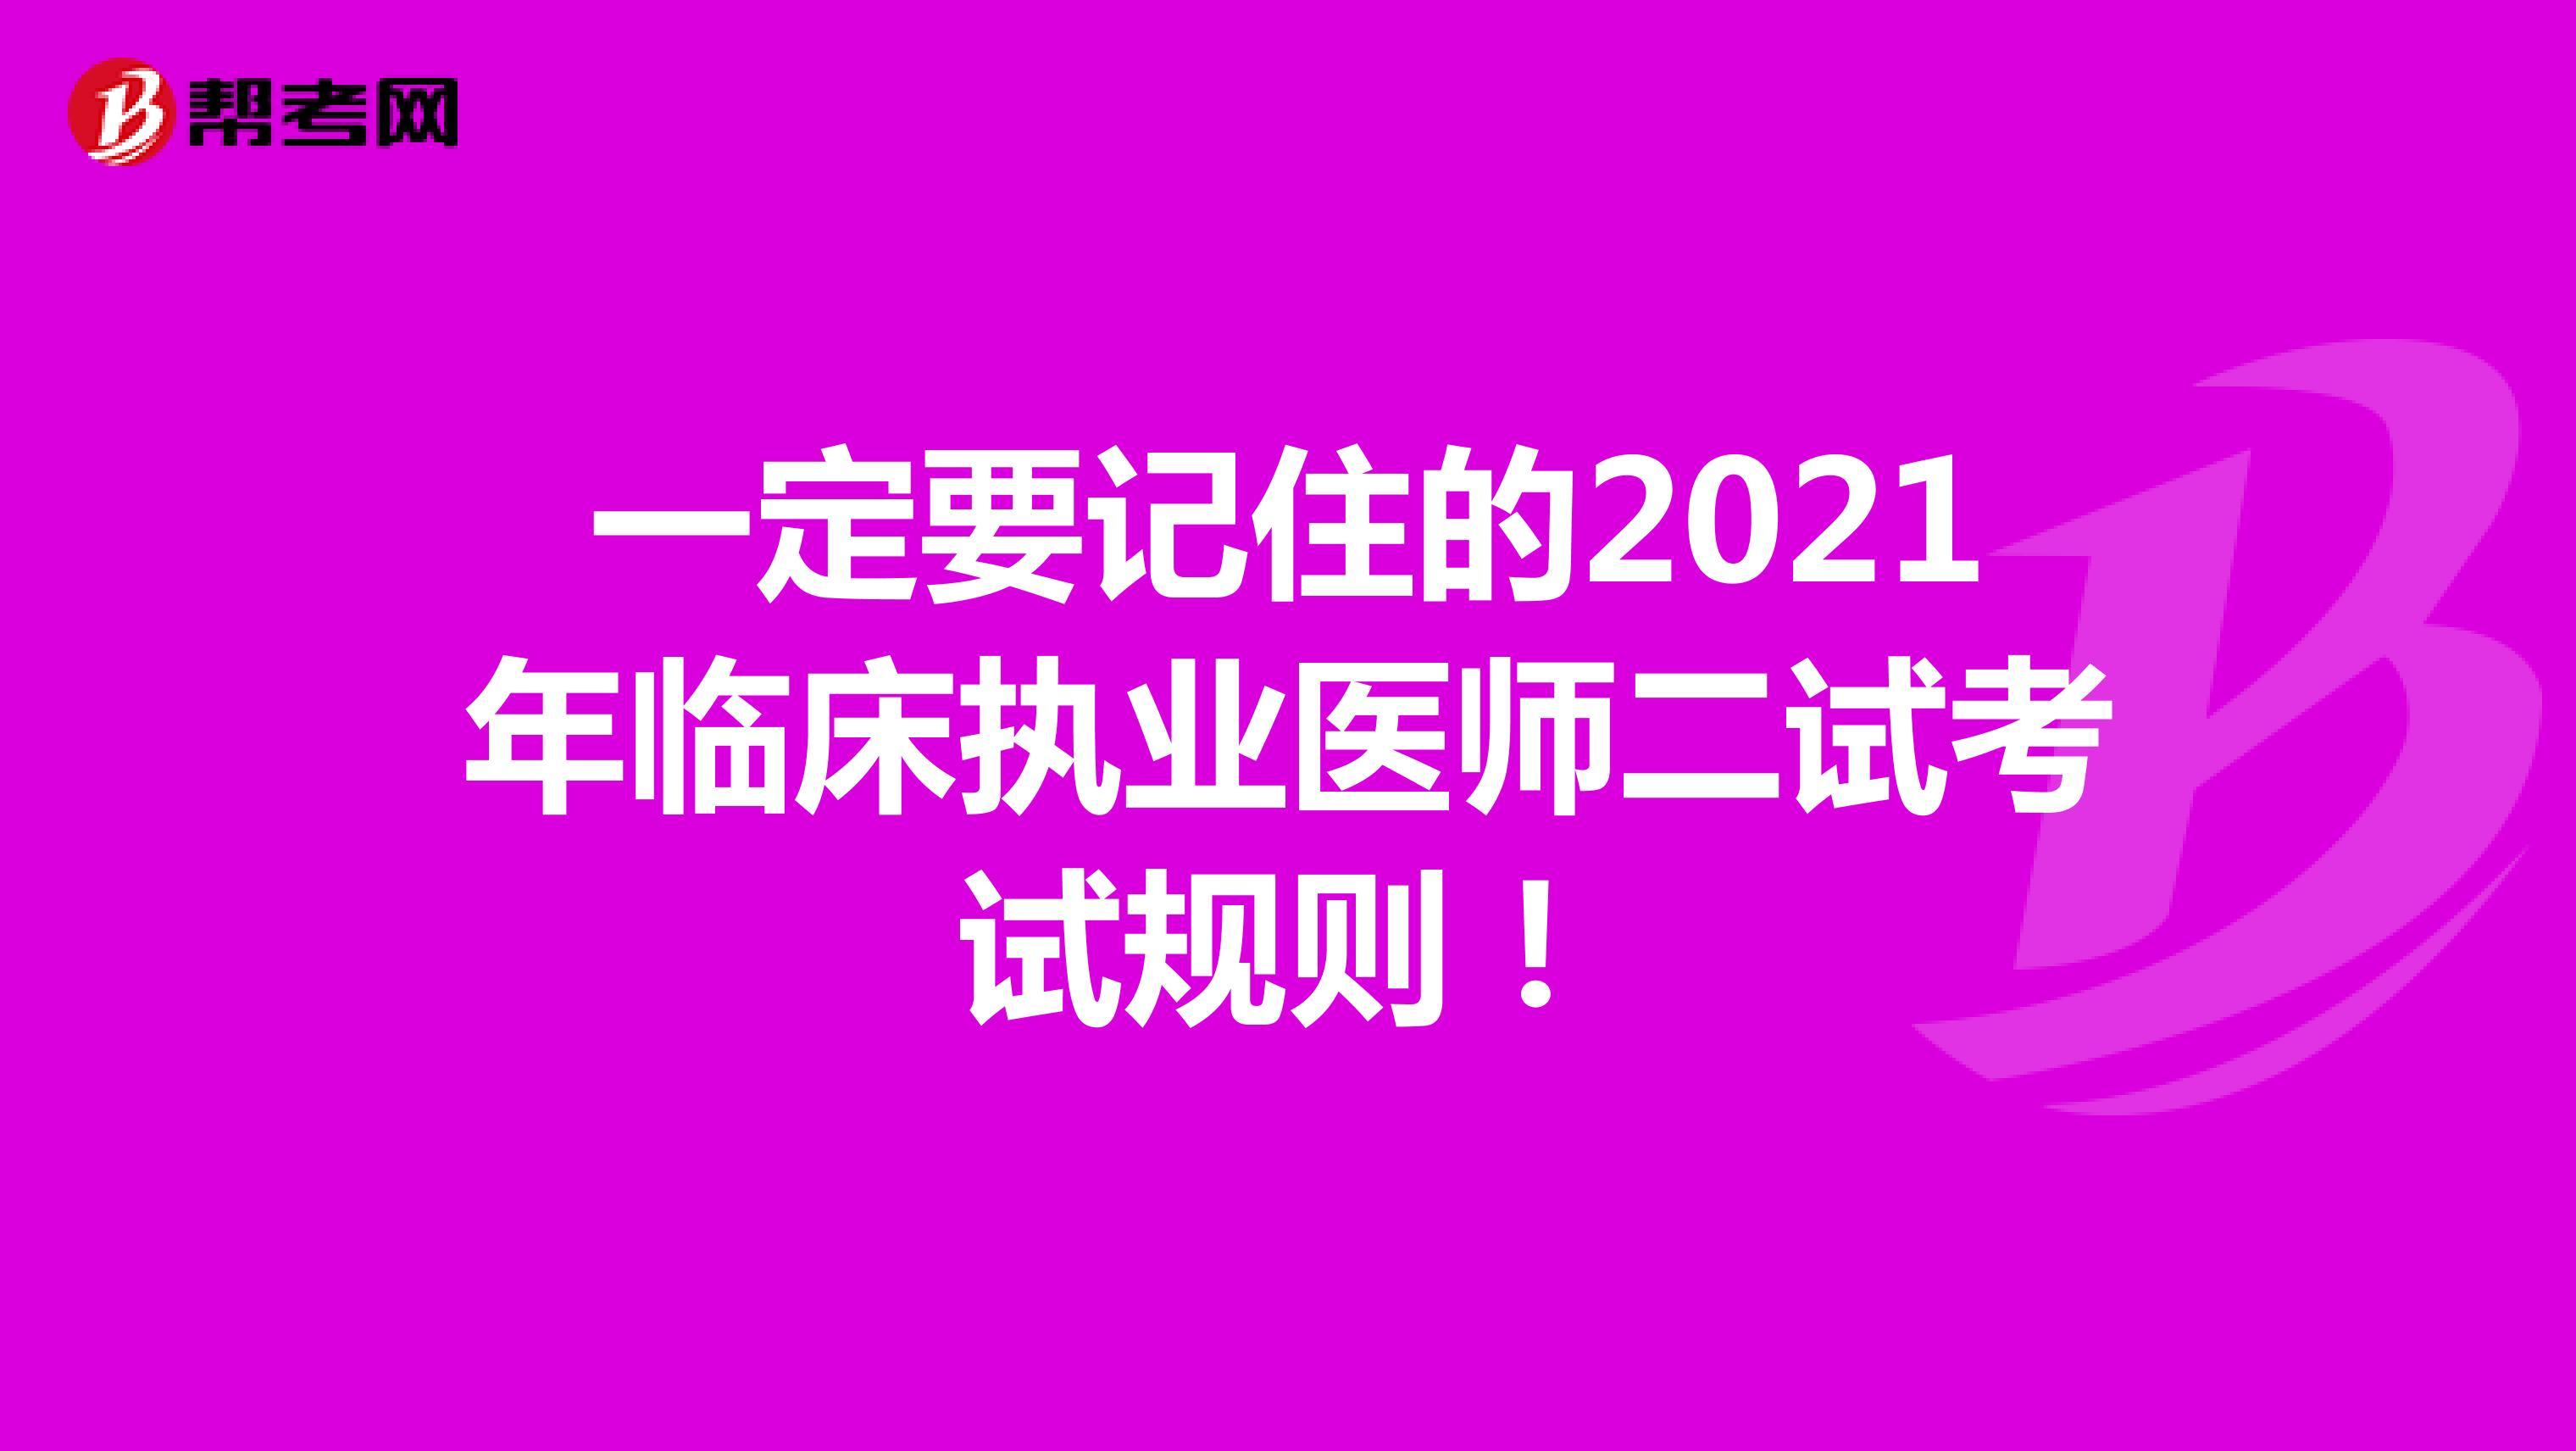 一定要记住的2021年临床执业医师二试考试规则!